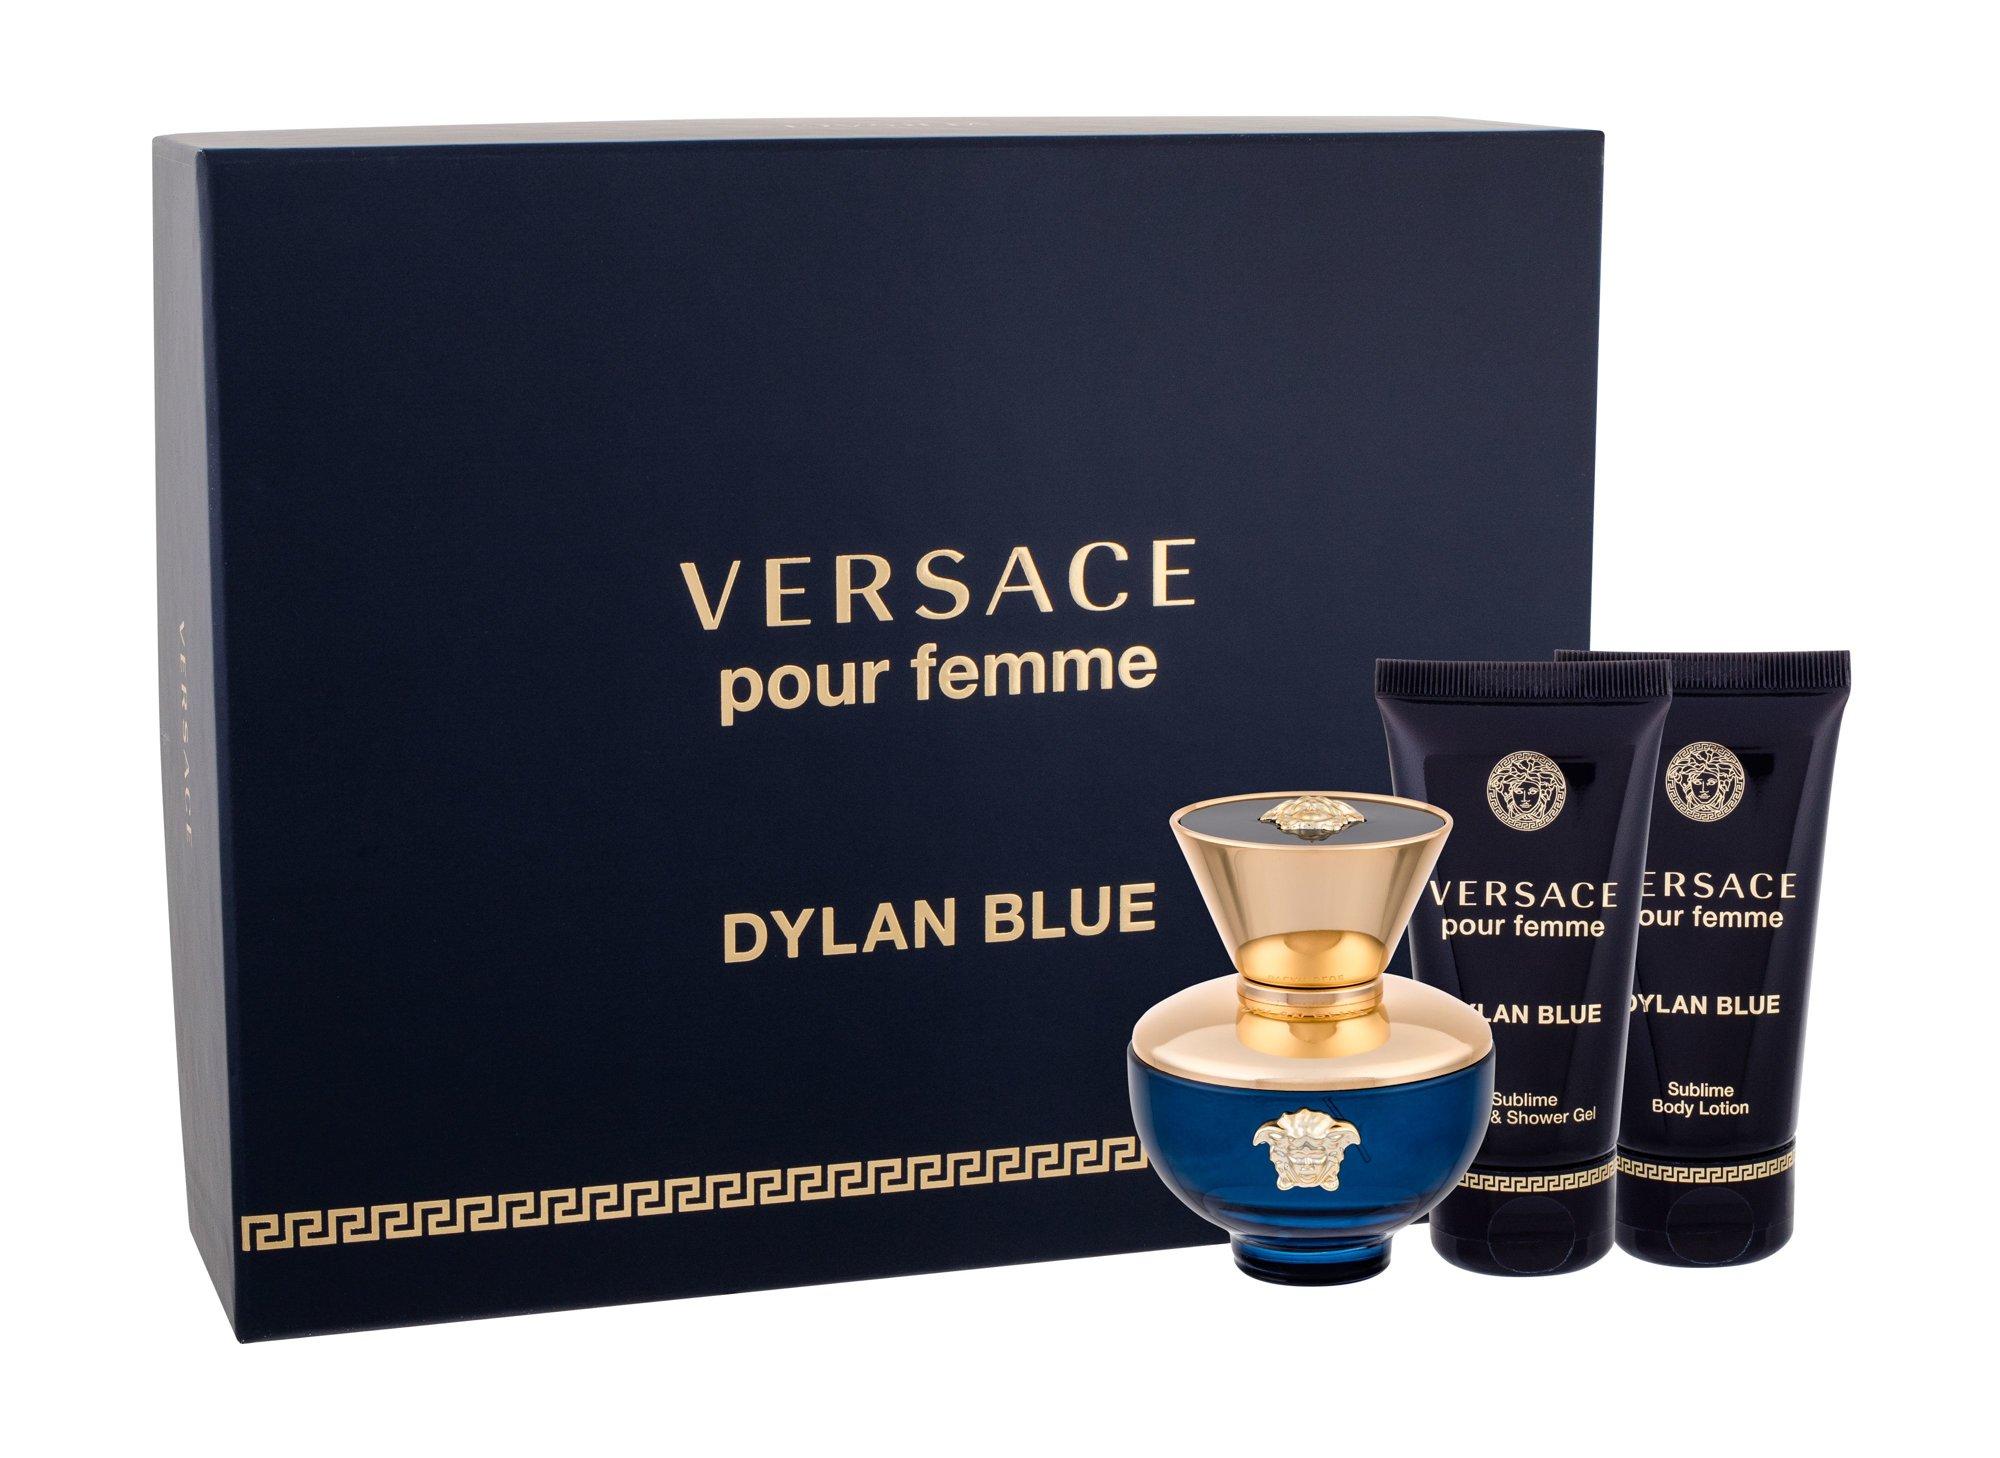 Versace Pour Femme Dylan Blue, parfumovaná voda 50 ml + telové mlieko 50 ml + sprchovací gél 50 ml